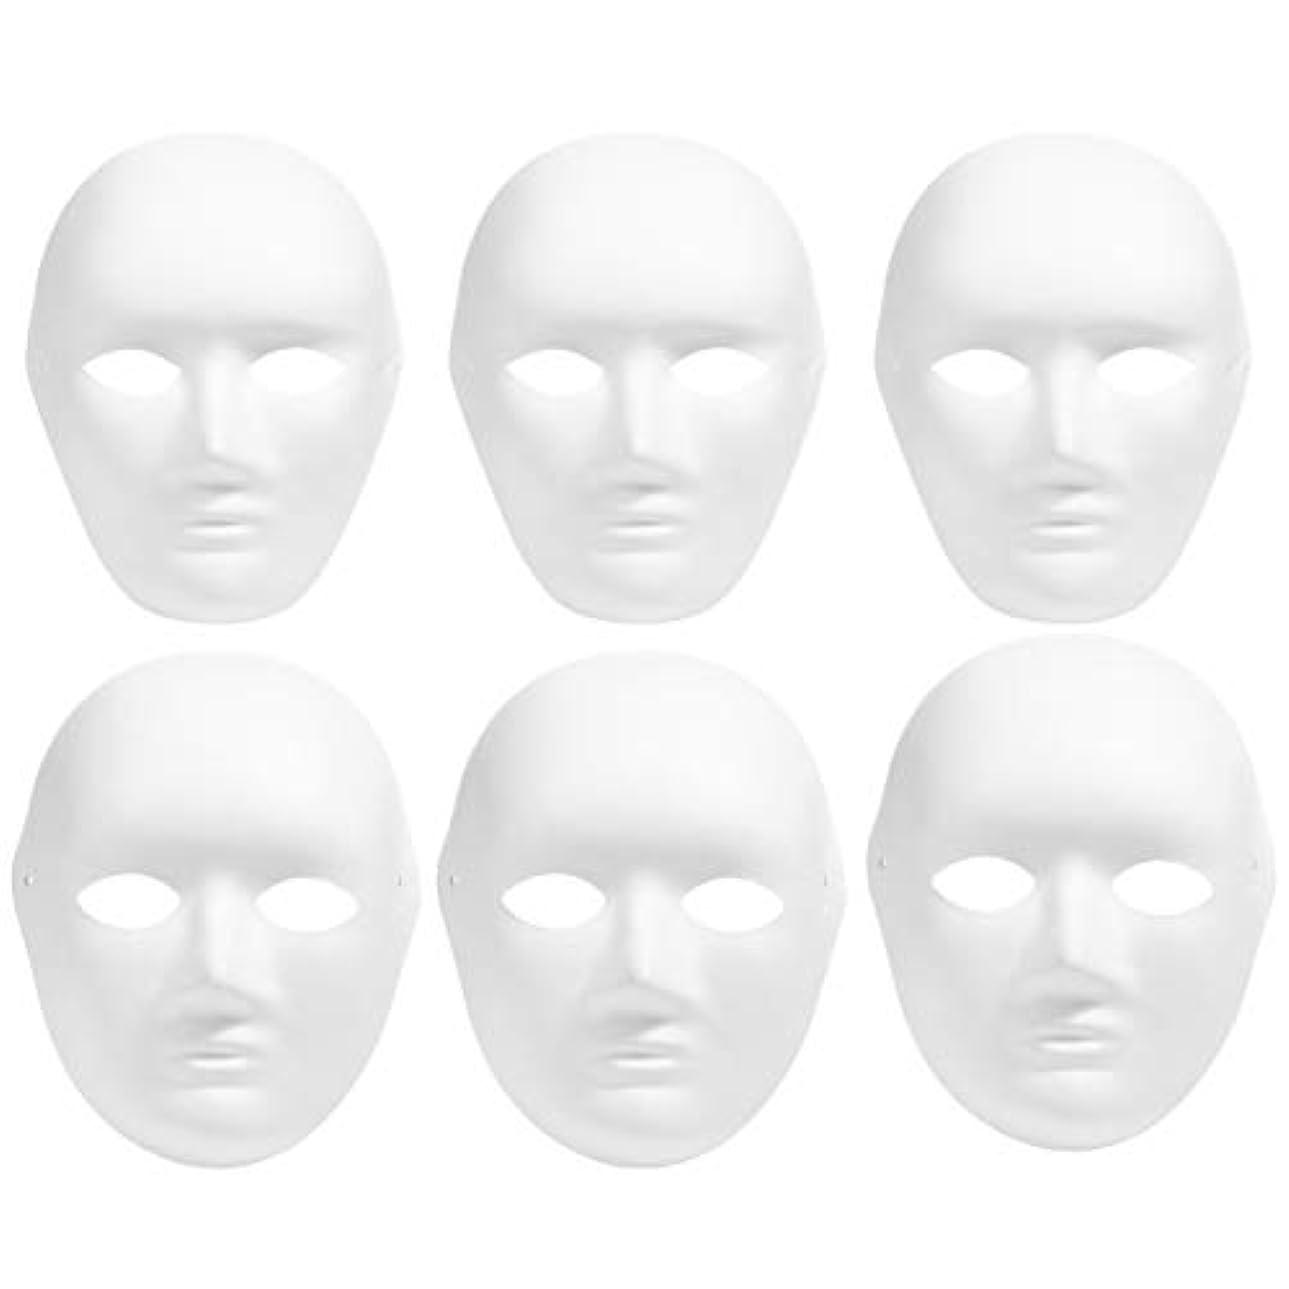 スペインうつ石のマスク ハロウィン 怖い 白い人面マスク ハロウィンマスク ハロウィン 仮装 仮面 コスプレ 6*男性?6*女性